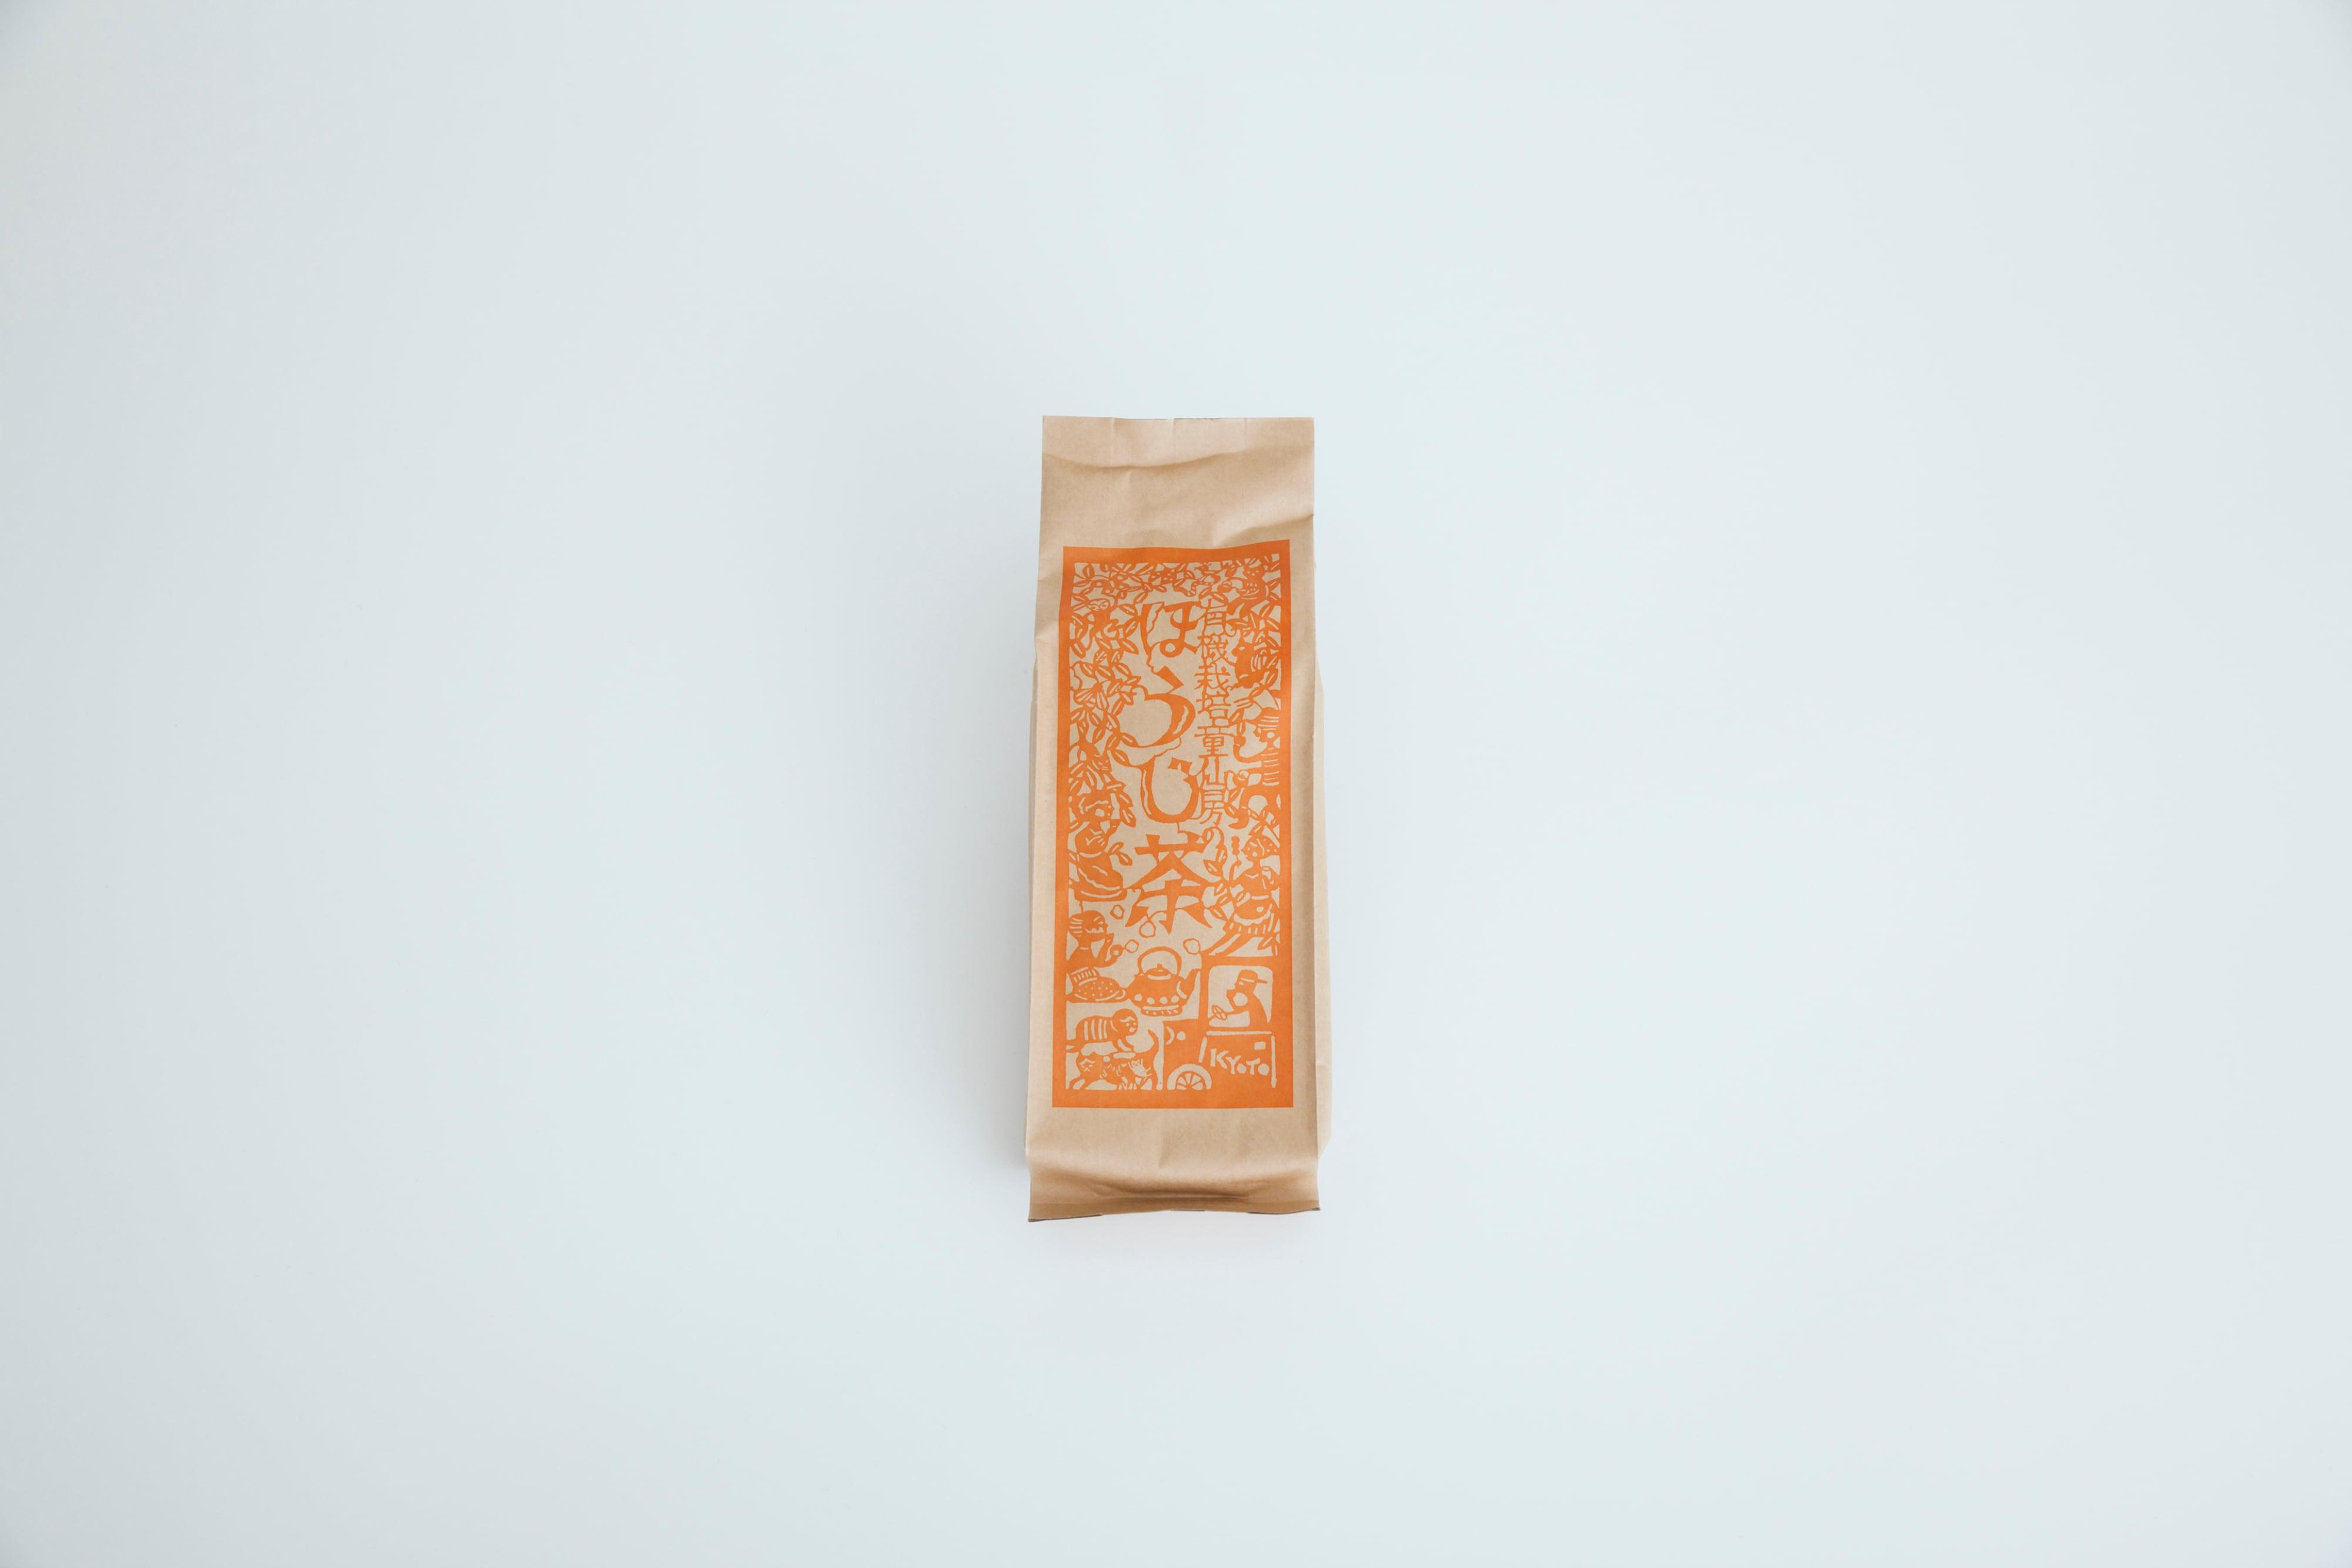 童仙房の有機栽培ほうじ茶